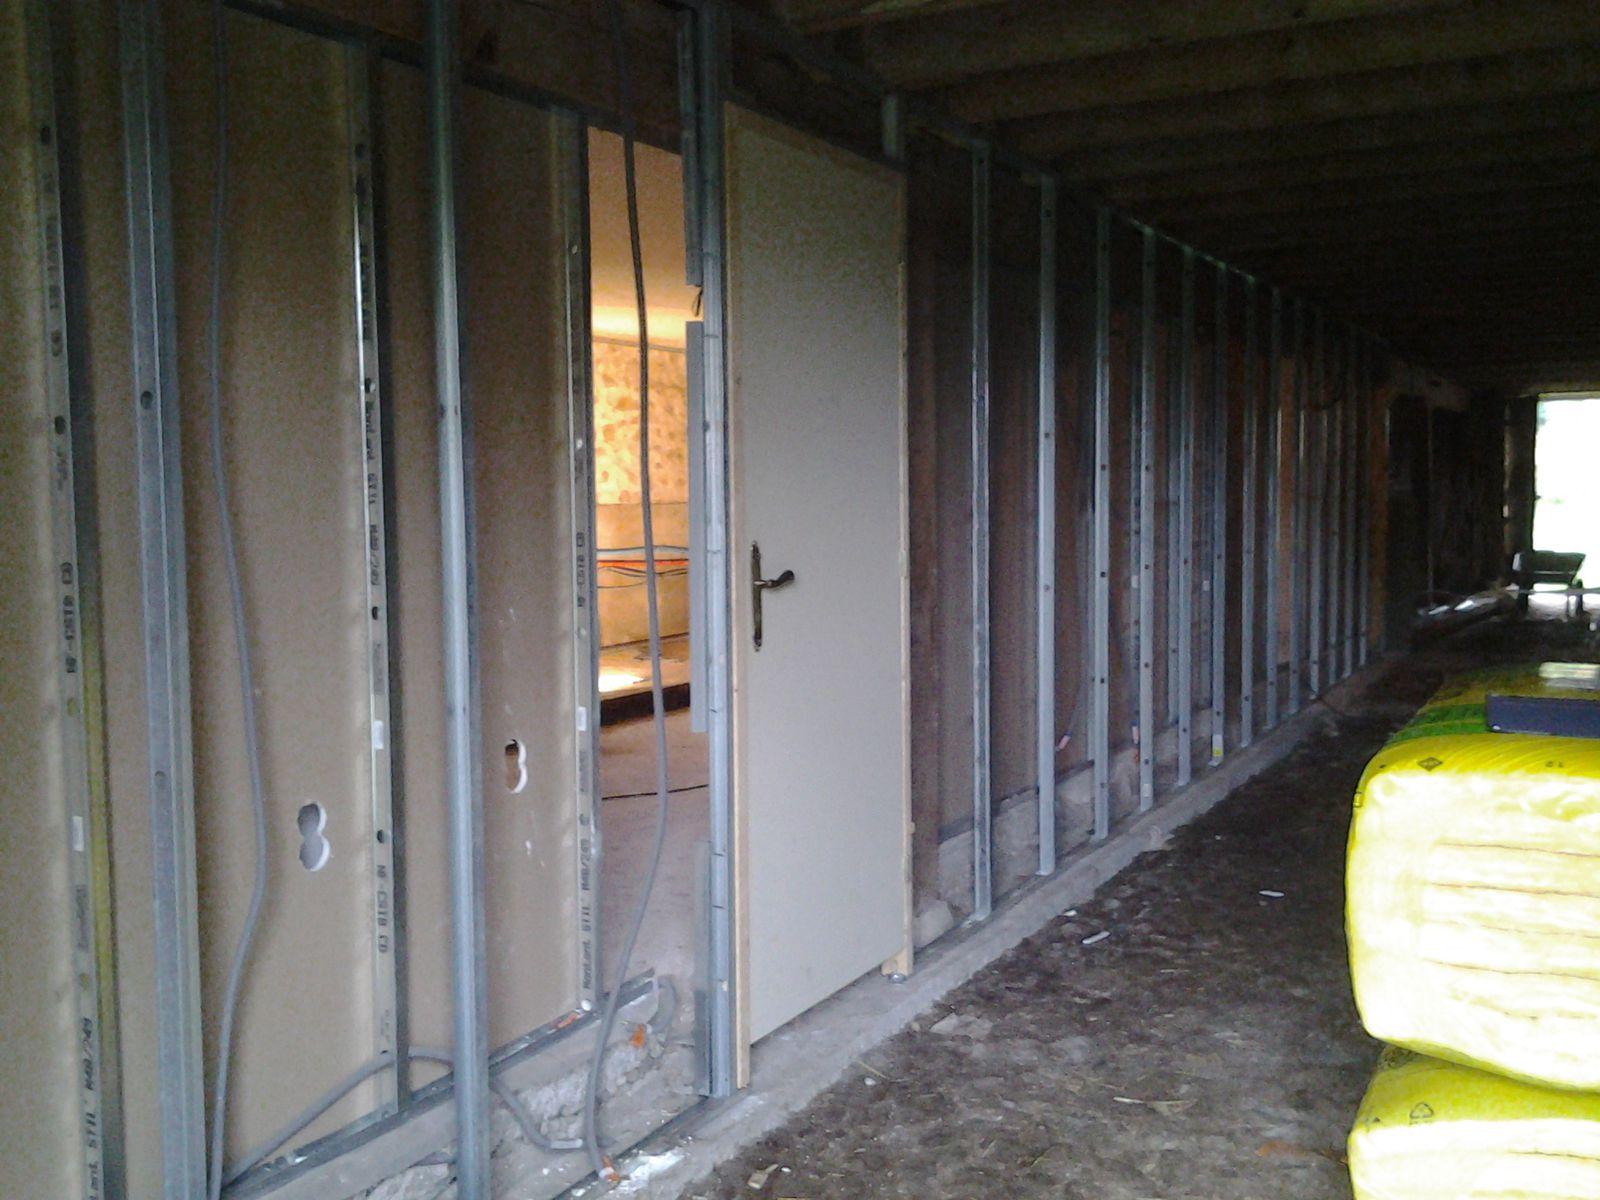 les rails, les montants et la porte de la chambre des garçons sont posé.  Un début de salle de bain arrive. La porte d'entrée a été déplacé.